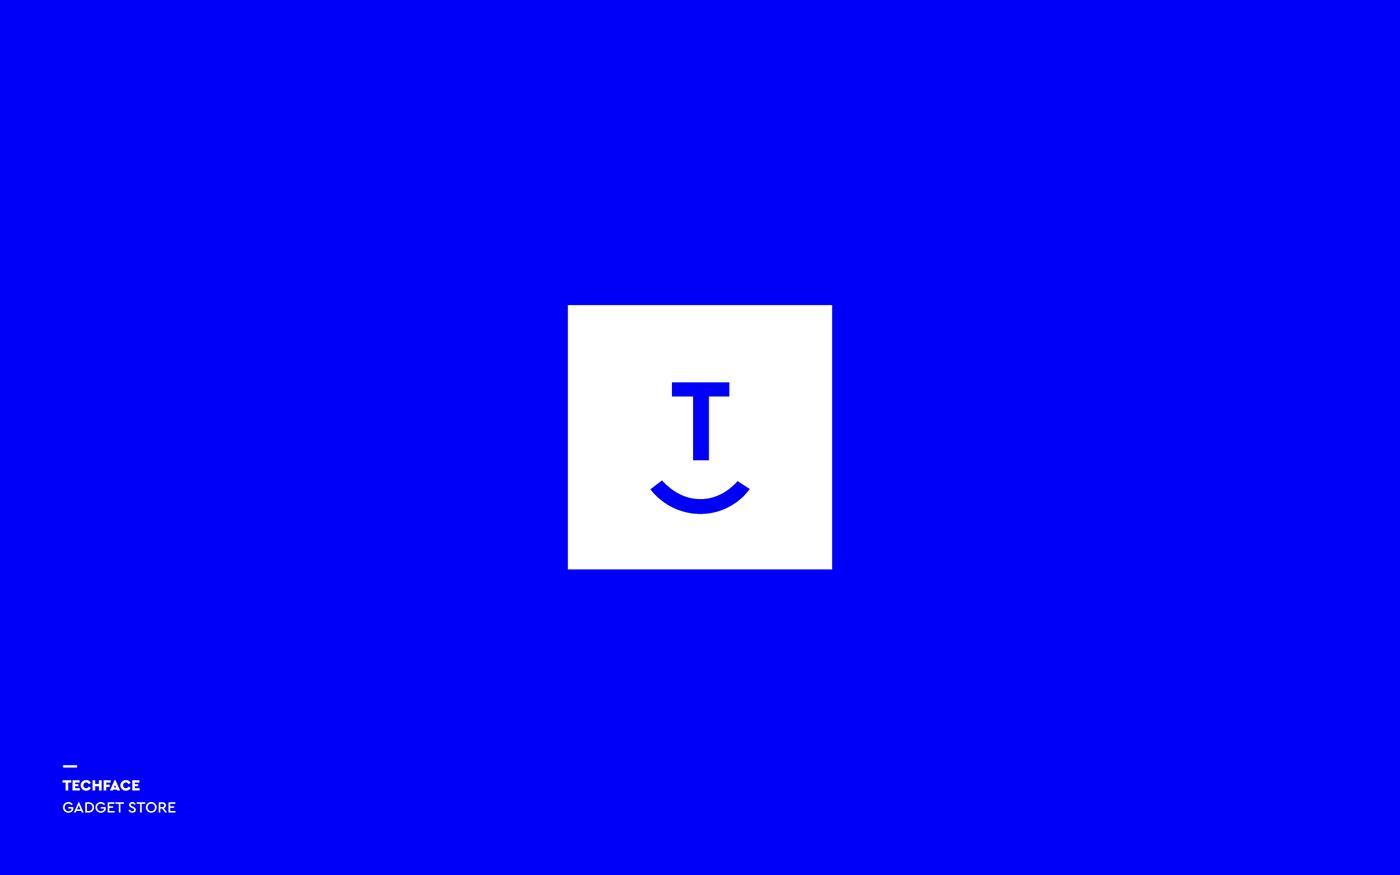 Logotype logo symbol mark brand identity